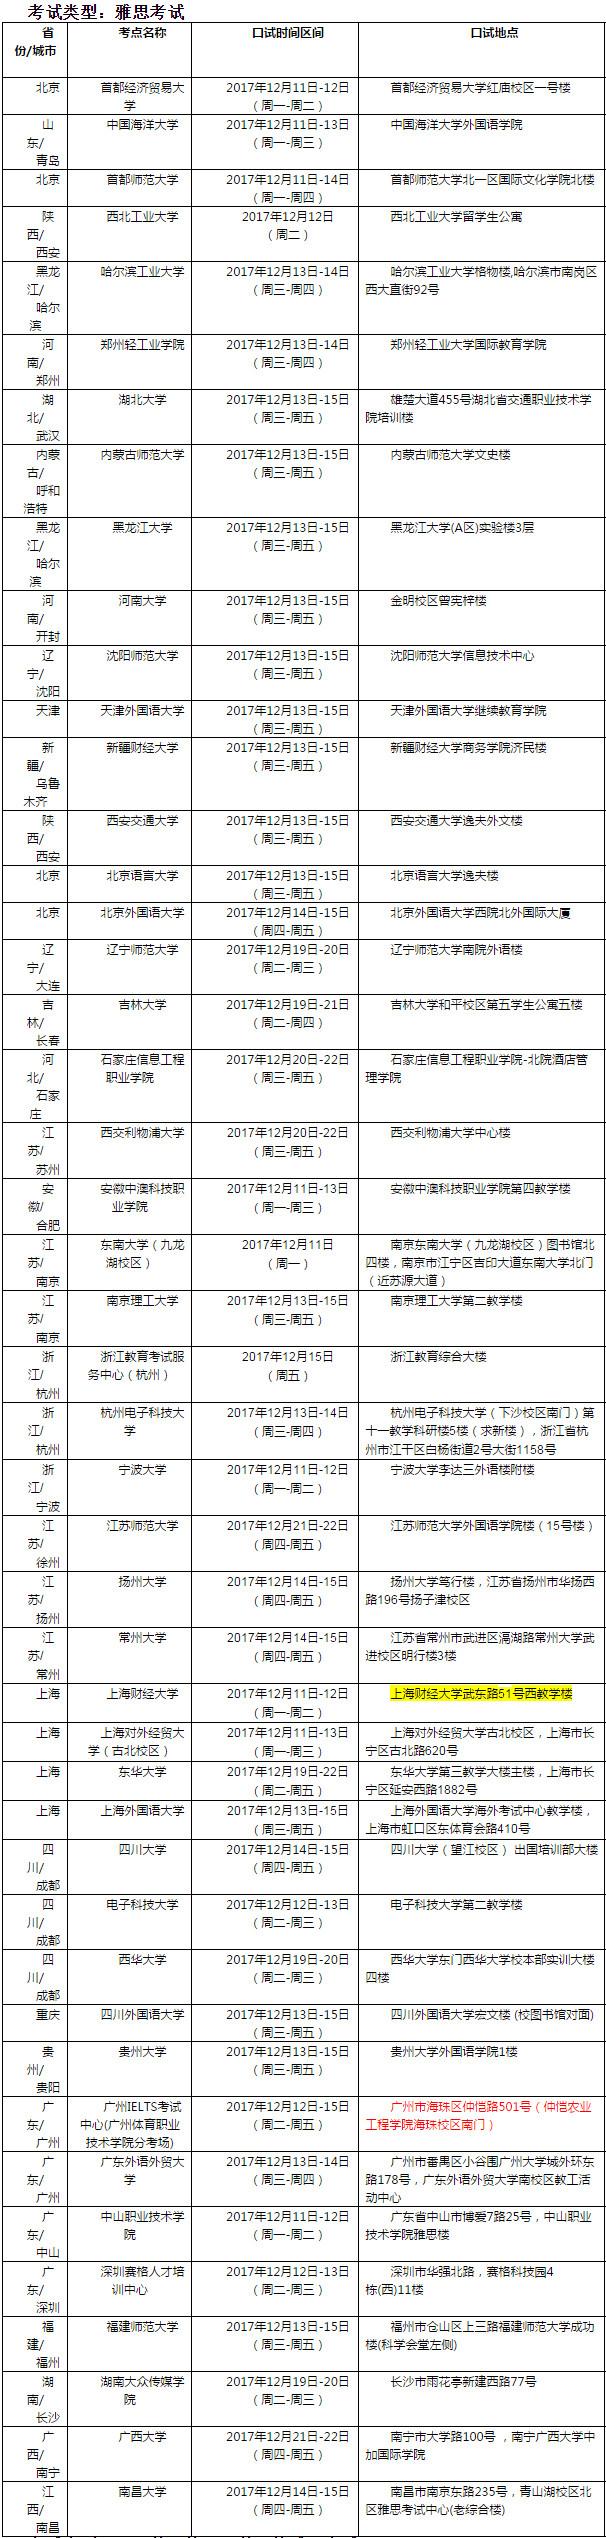 2017年12月16日雅思口语考试安排